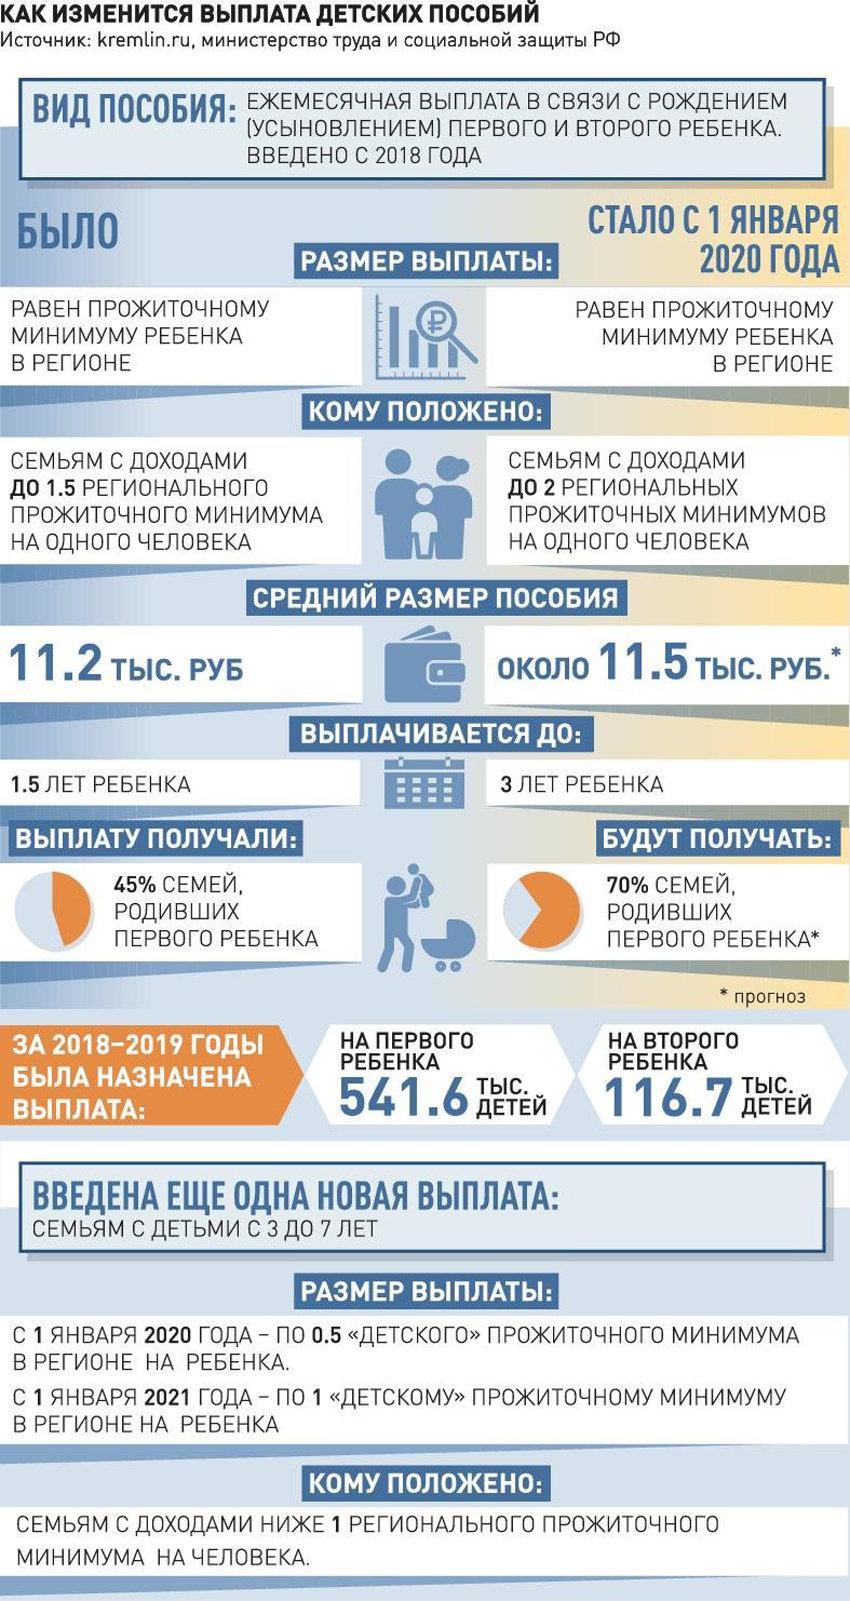 Льготы и пособия для многодетных семей в 2020 году: выплаты (изменения)